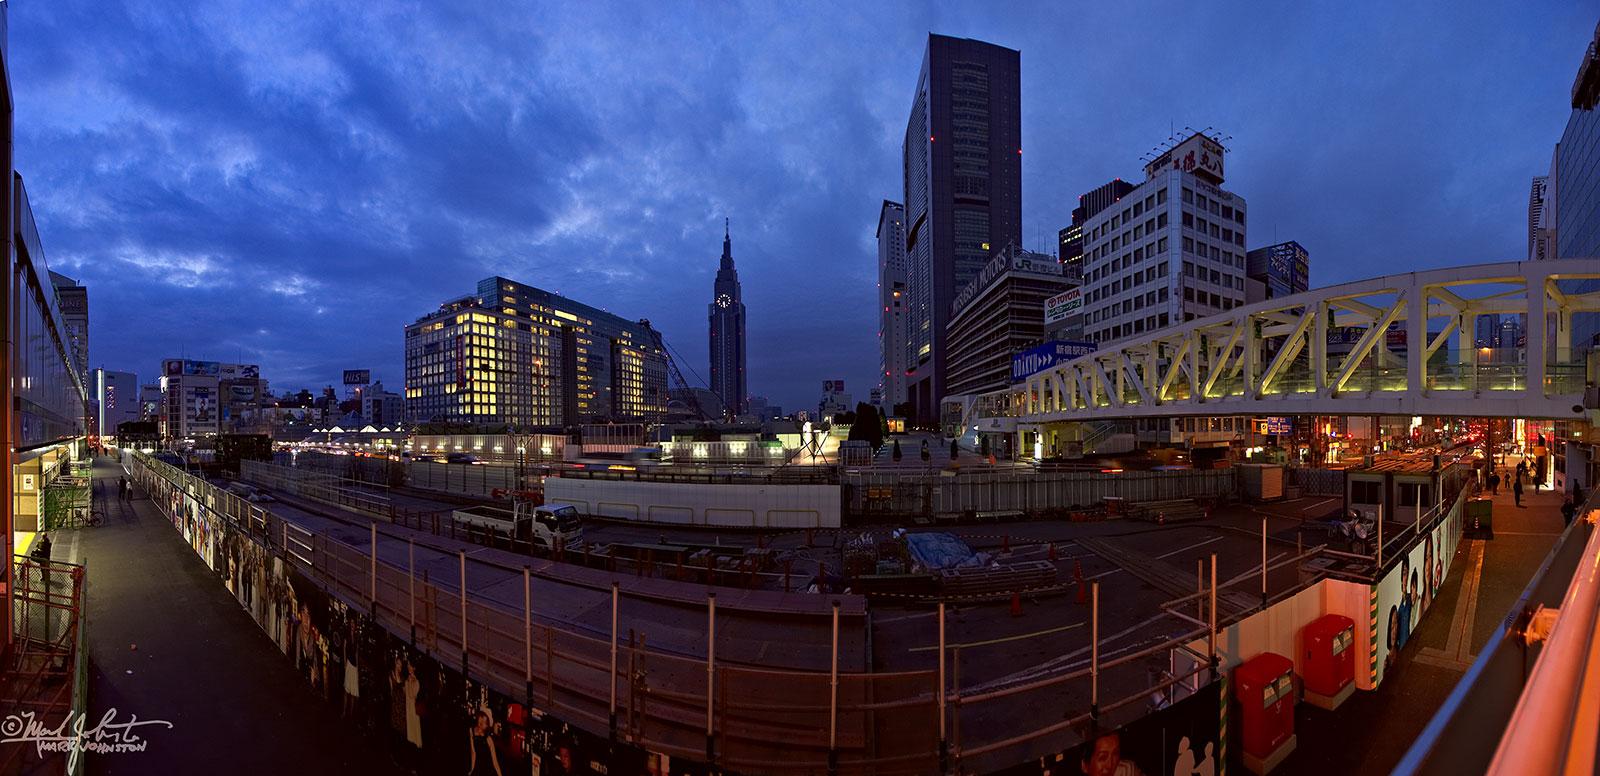 Shinjuku Station construction project, Tokyo, Japan.